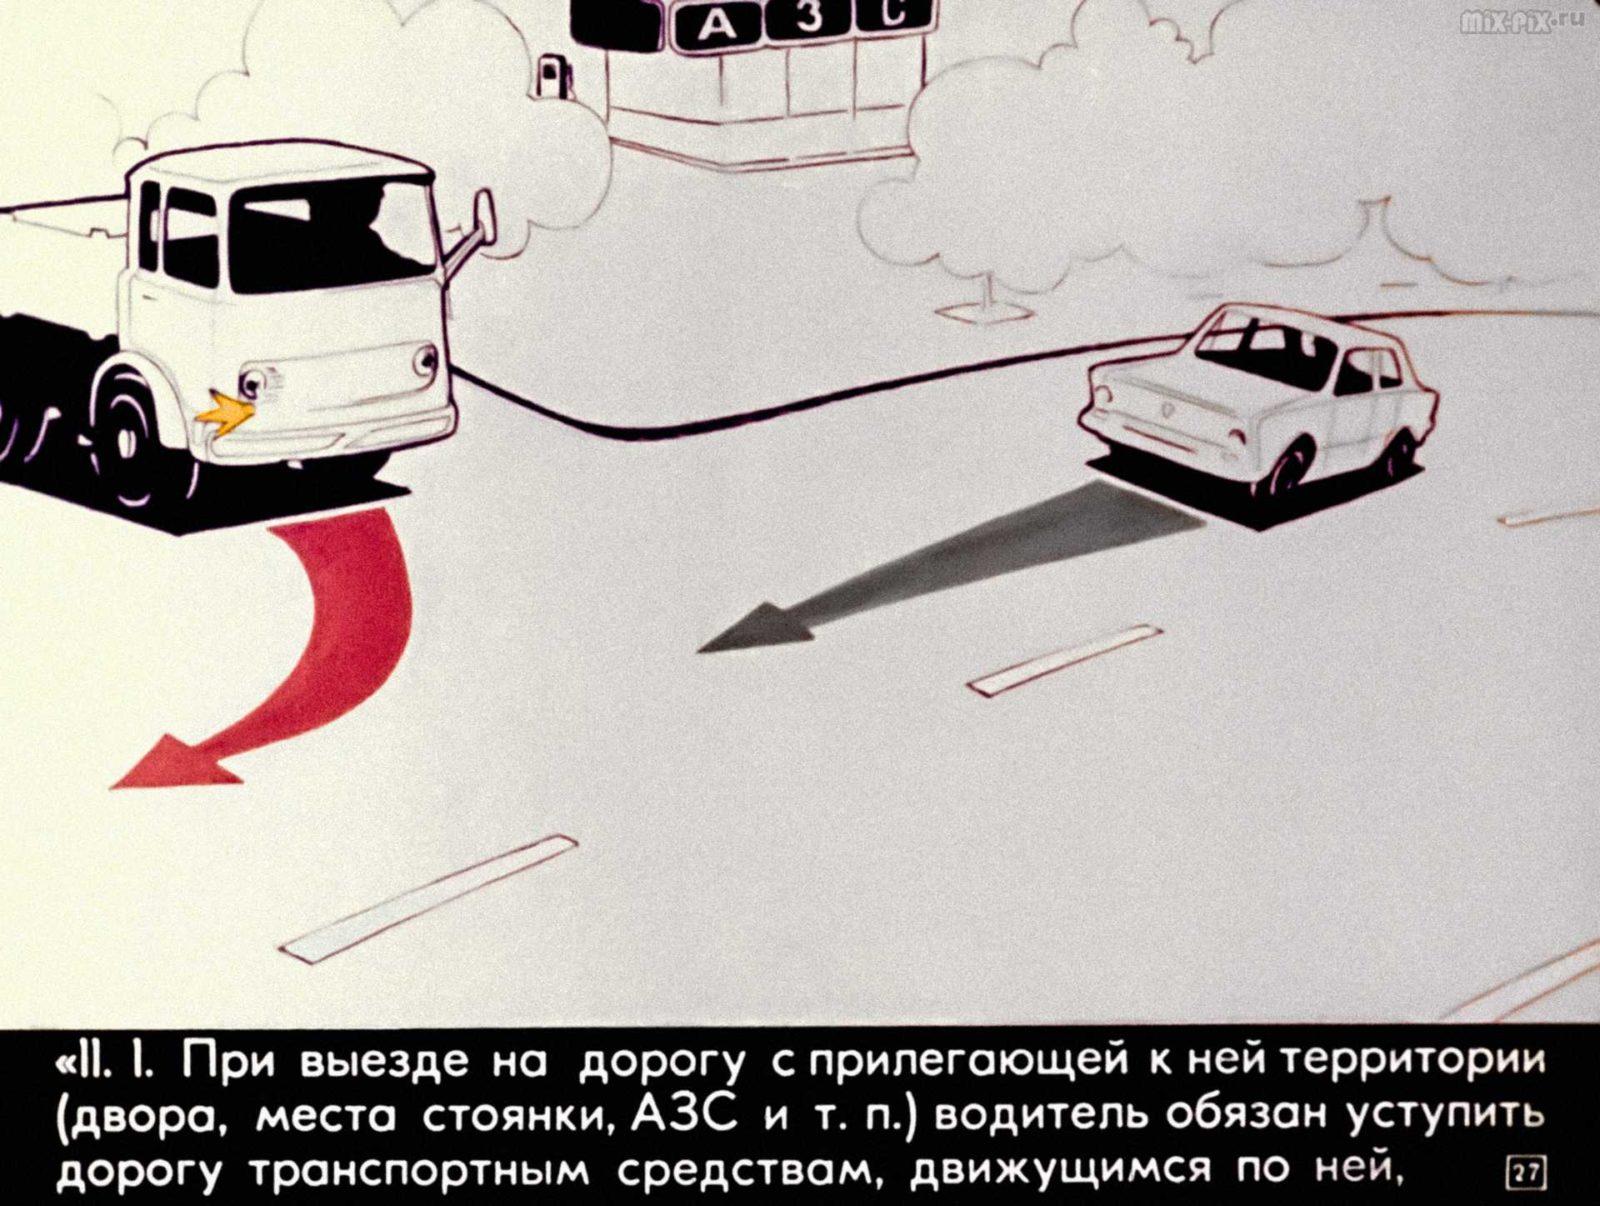 Правила дорожного движения. Расположение транспортных средств на проезжей части. Начало движения. Маневрирование (1983) 44